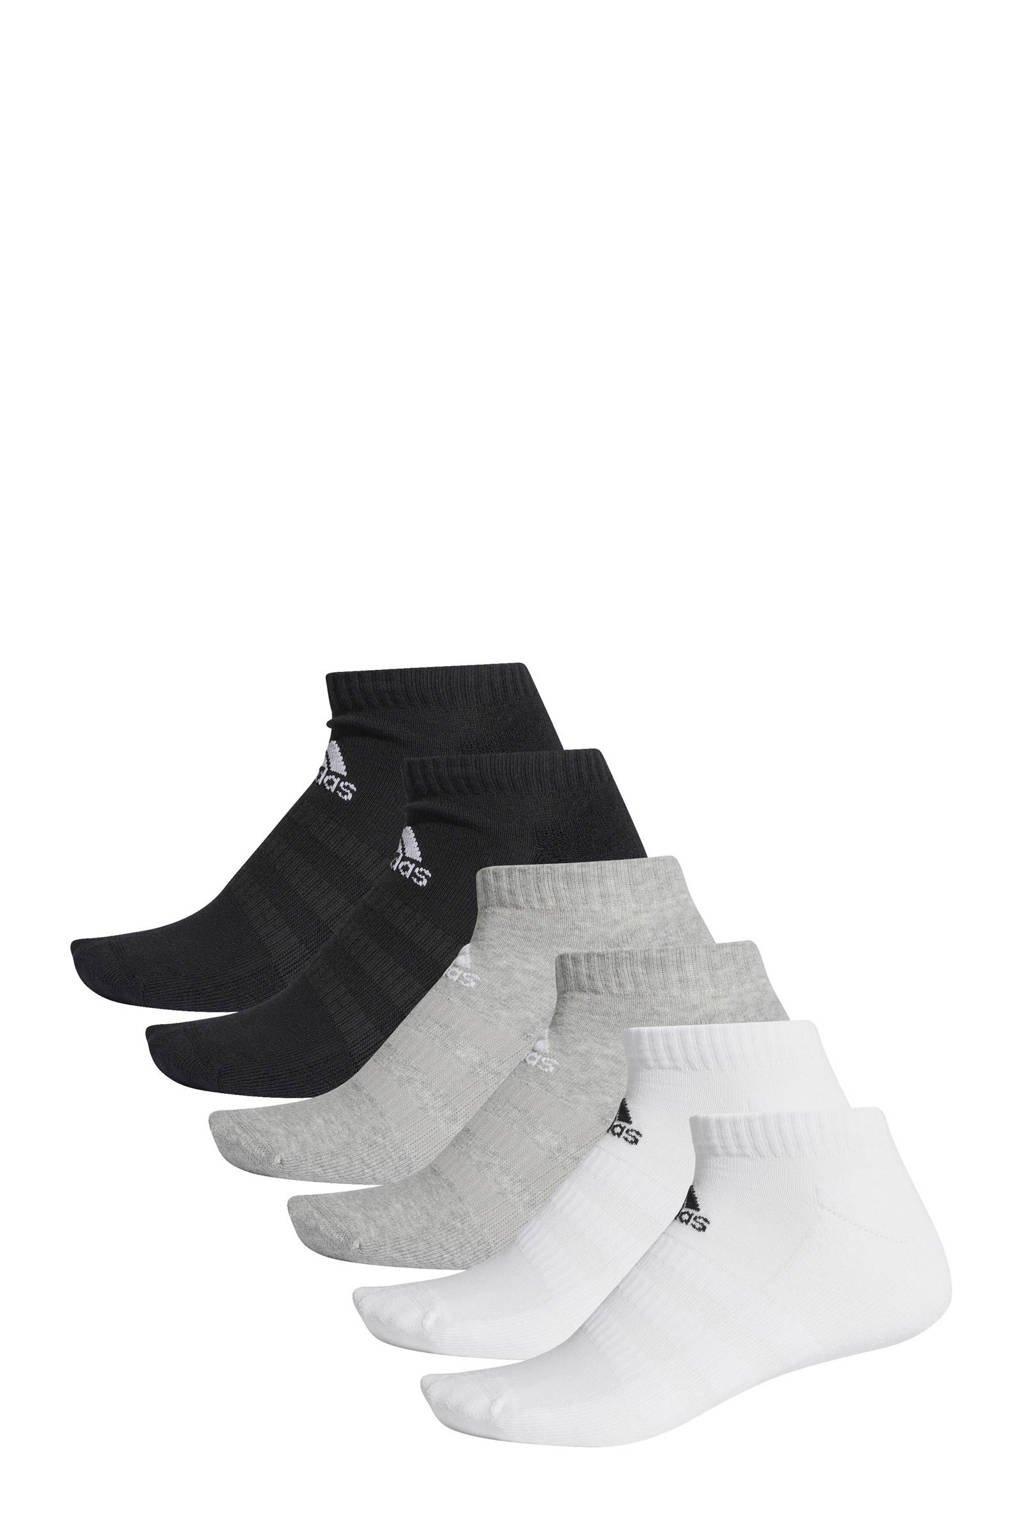 adidas   sportsokken (set van 6 paar) zwart/grijs/wit, Zwart/grijs/wit